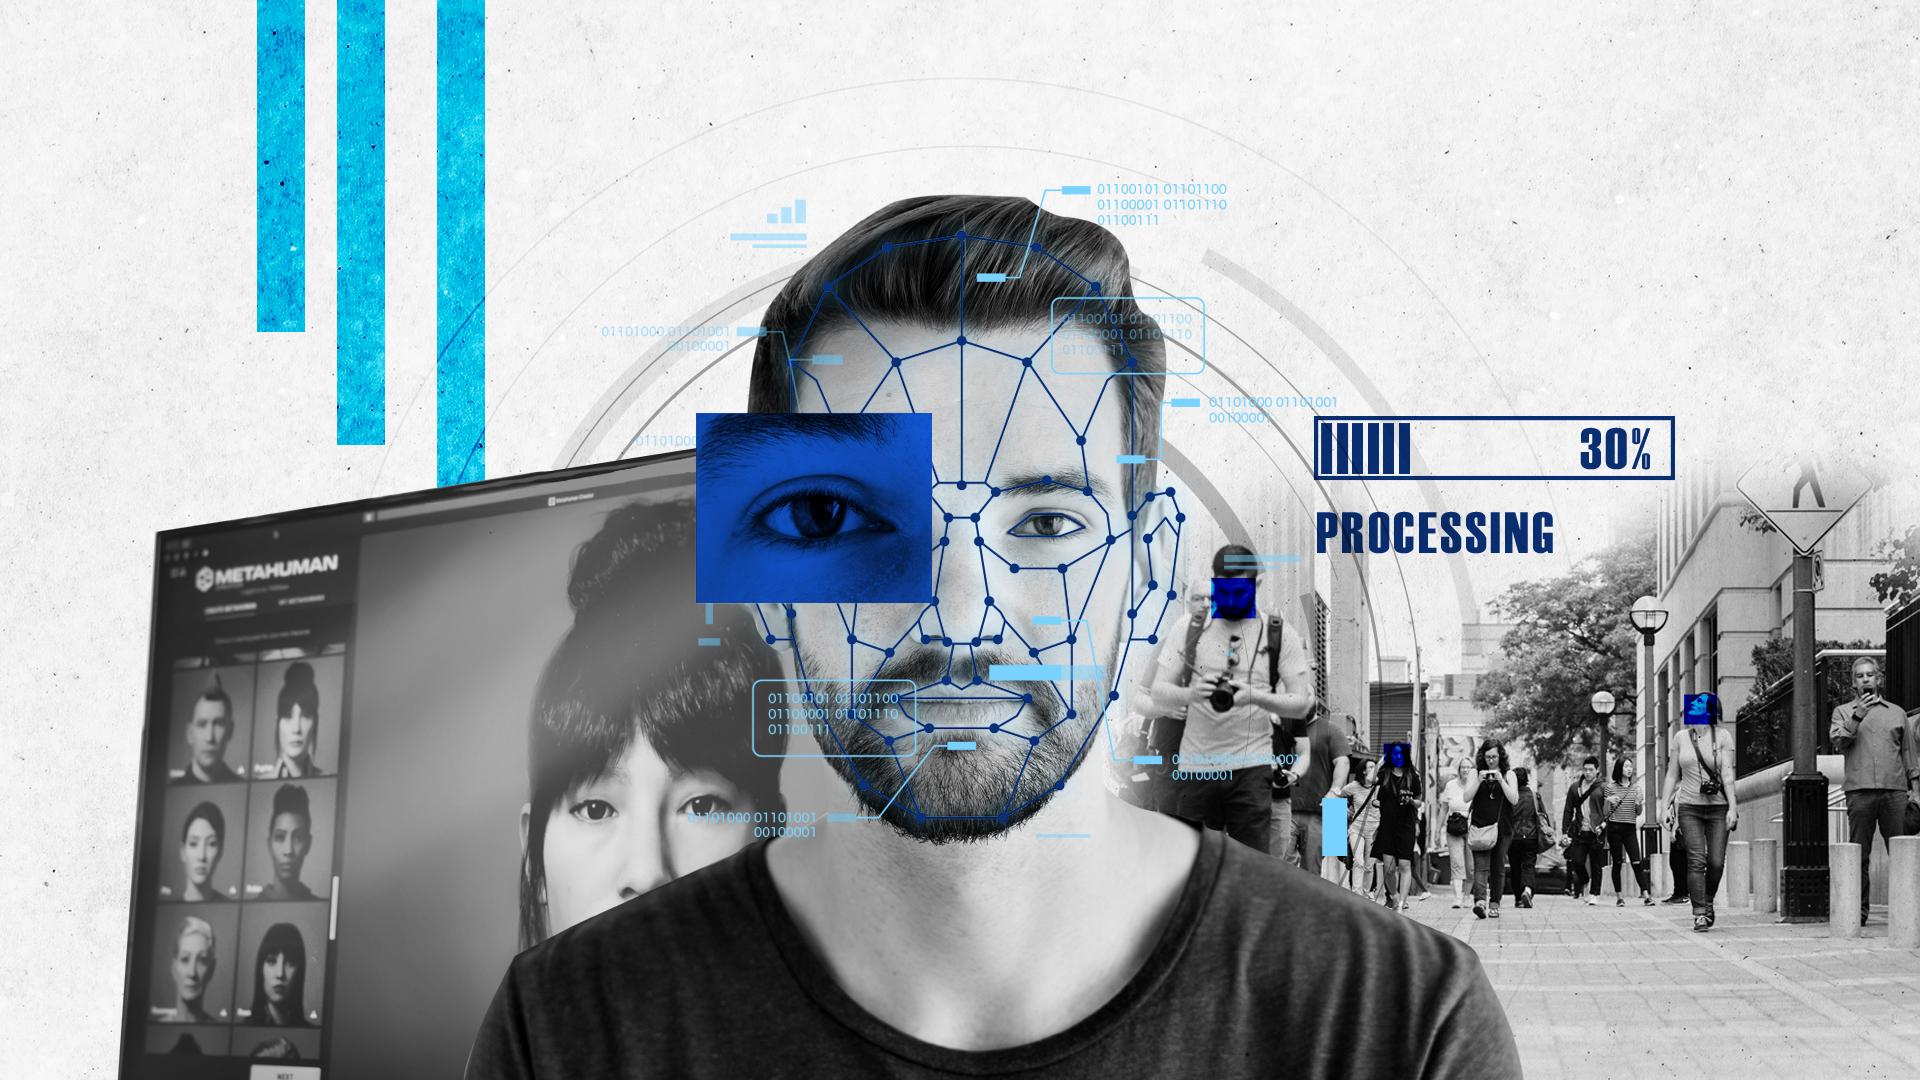 Cuáles son los principales errores y sesgos del reconocimiento facial y cómo se intenta resolverlos con inteligencia artificial